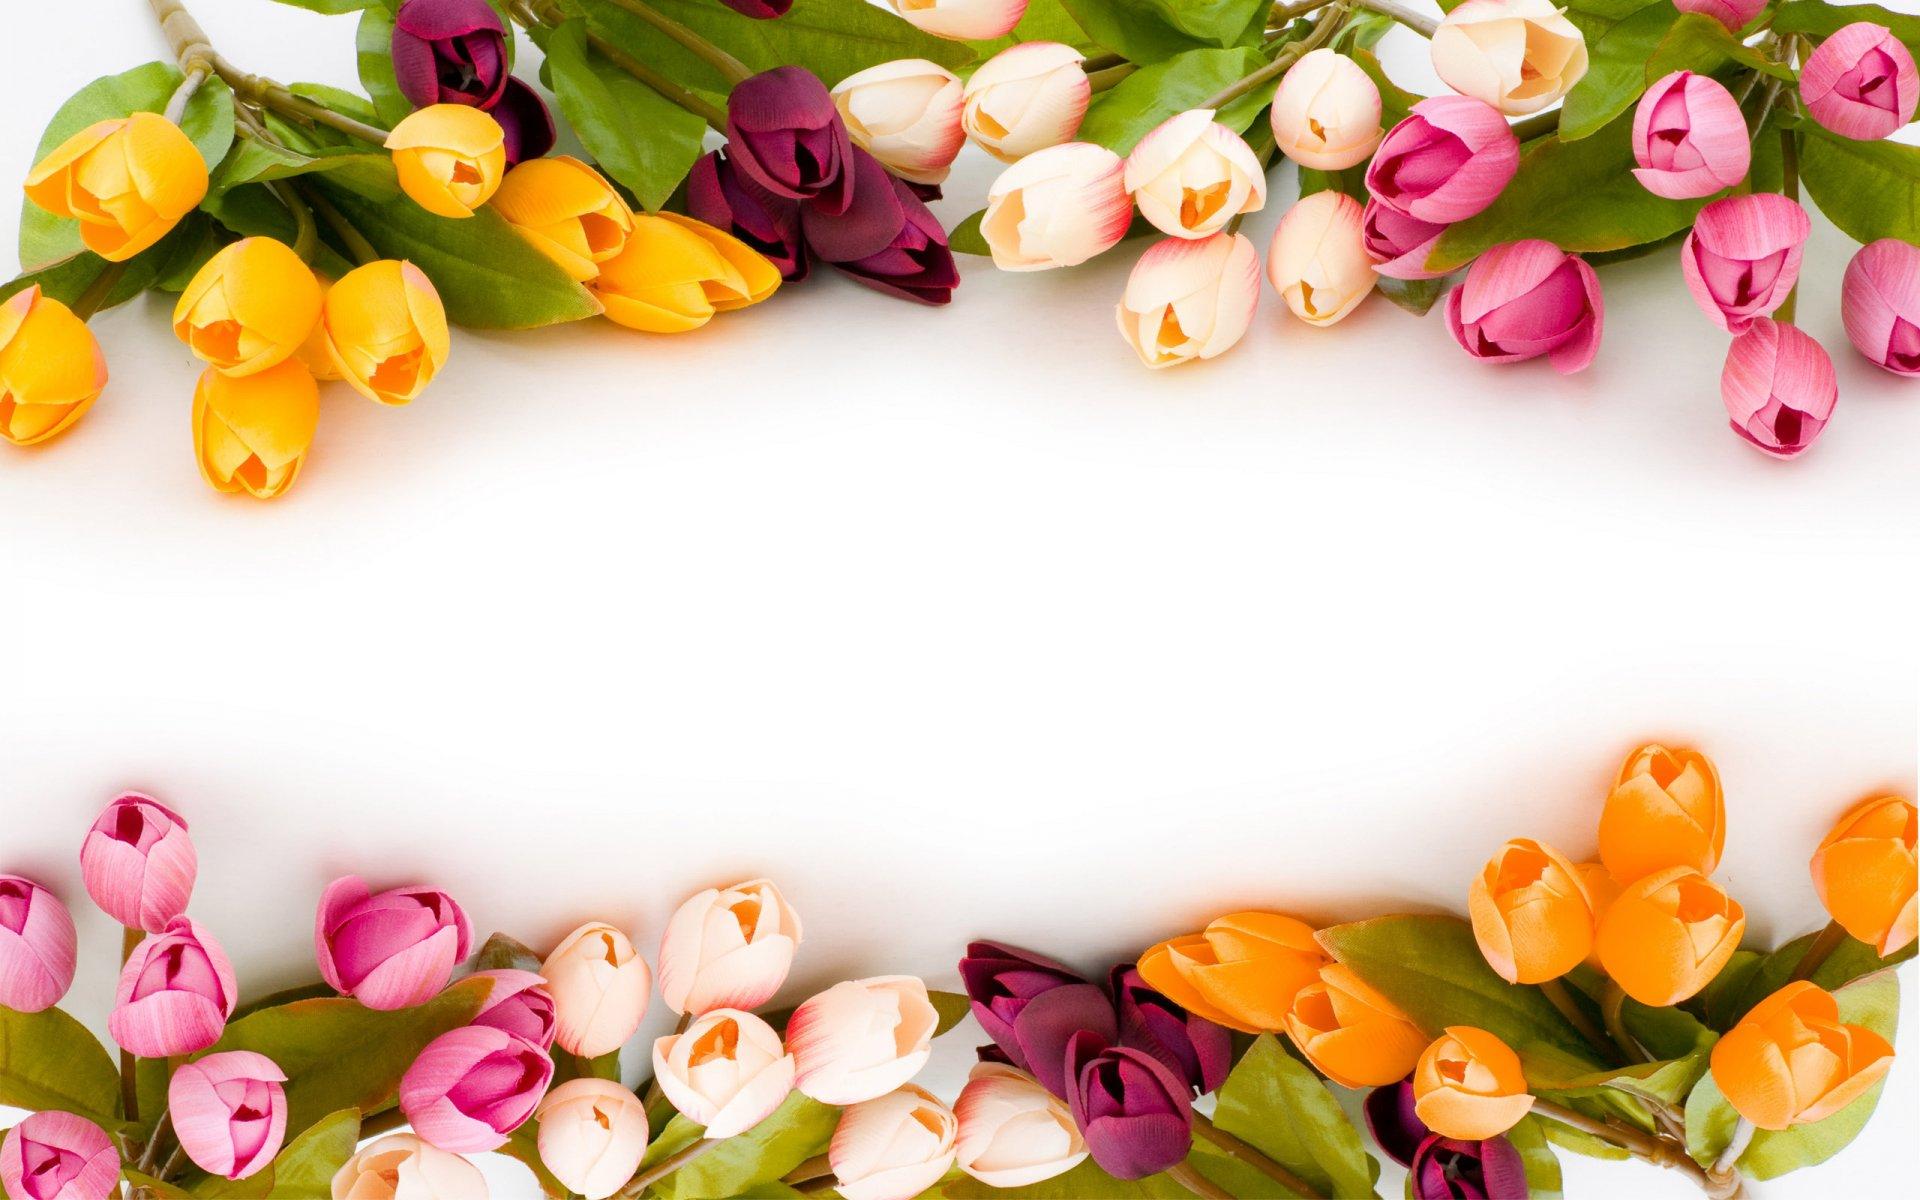 Открытки с цветами и текстом, гифы